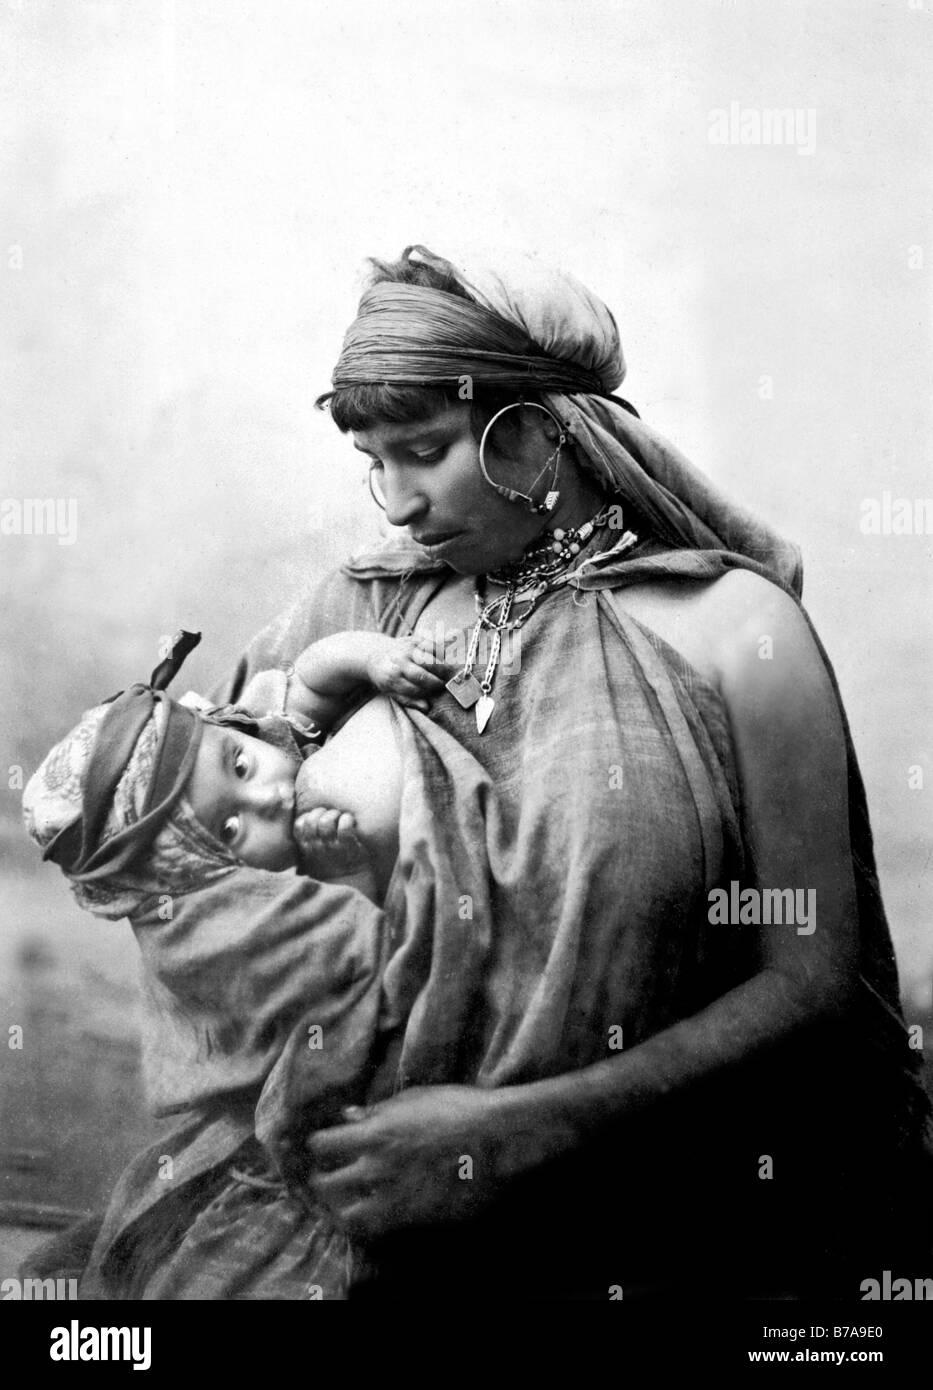 Photo historique, bédouine avec bébé, l'Egypte, ca. 1870 Photo Stock